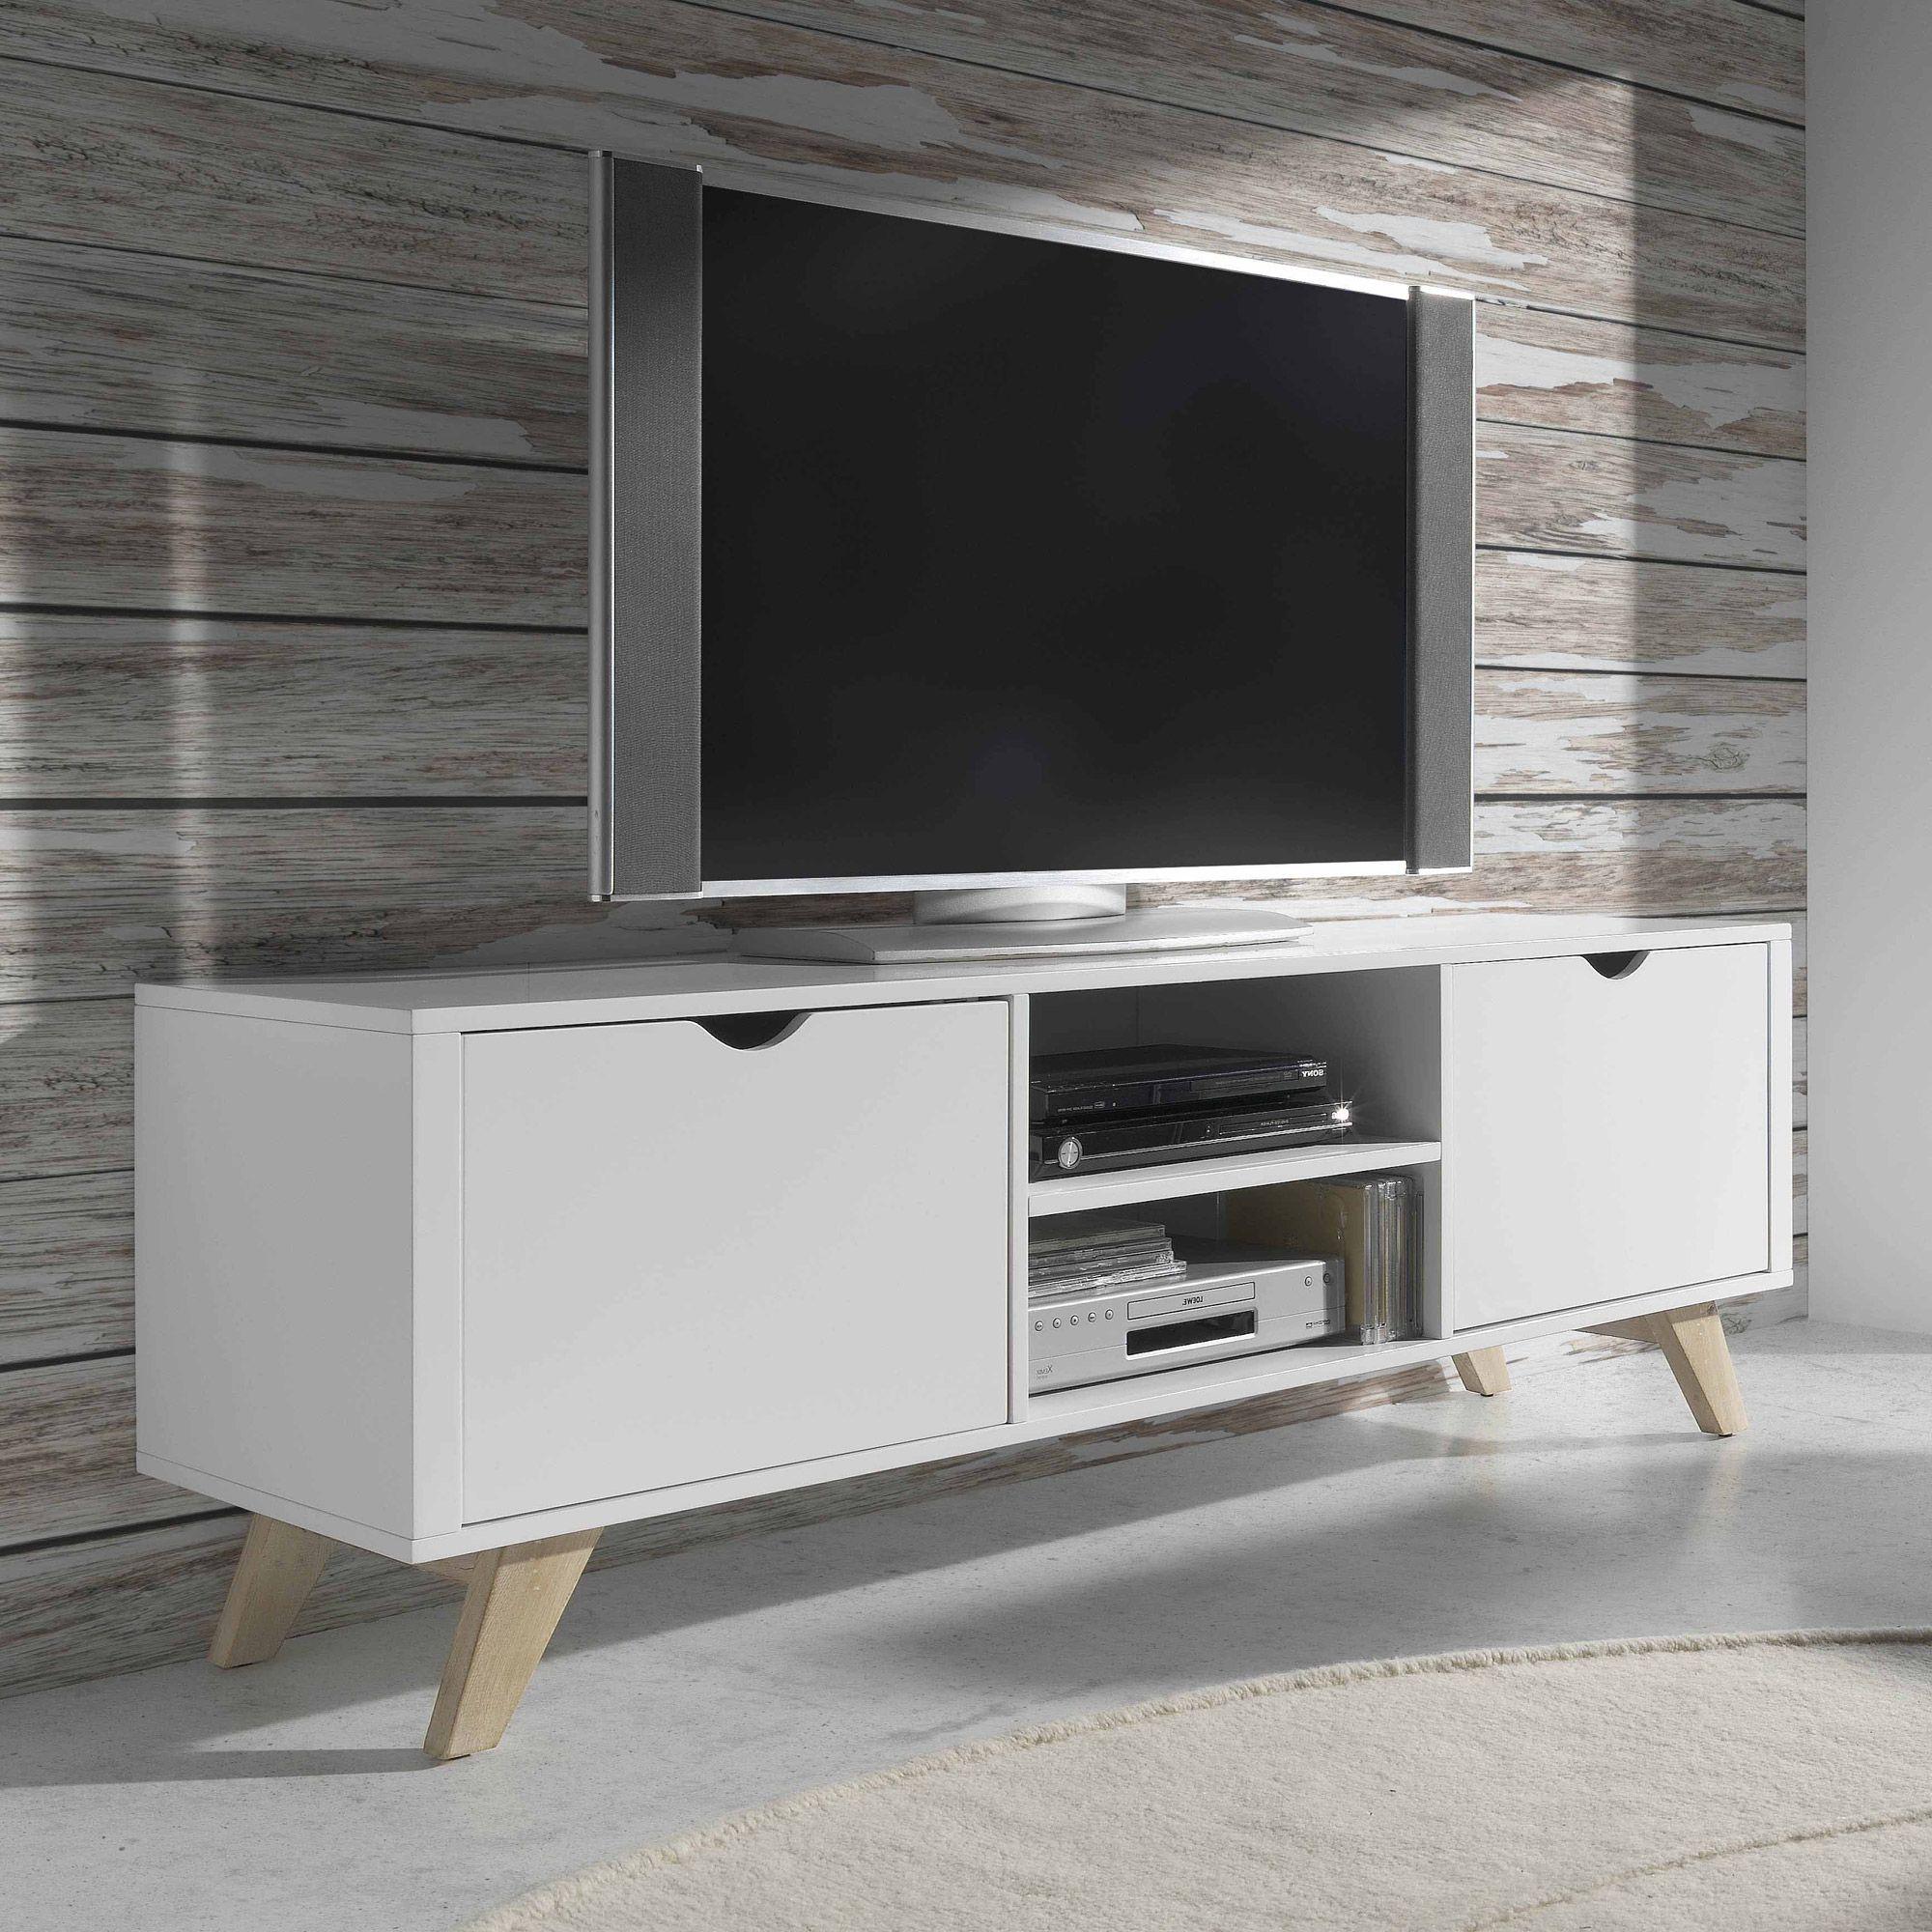 R Sultat Sup Rieur 50 Luxe Meuble Tv Haut Bois Photos 2018 Sjd8  # Meuble Tv Haut Blanc